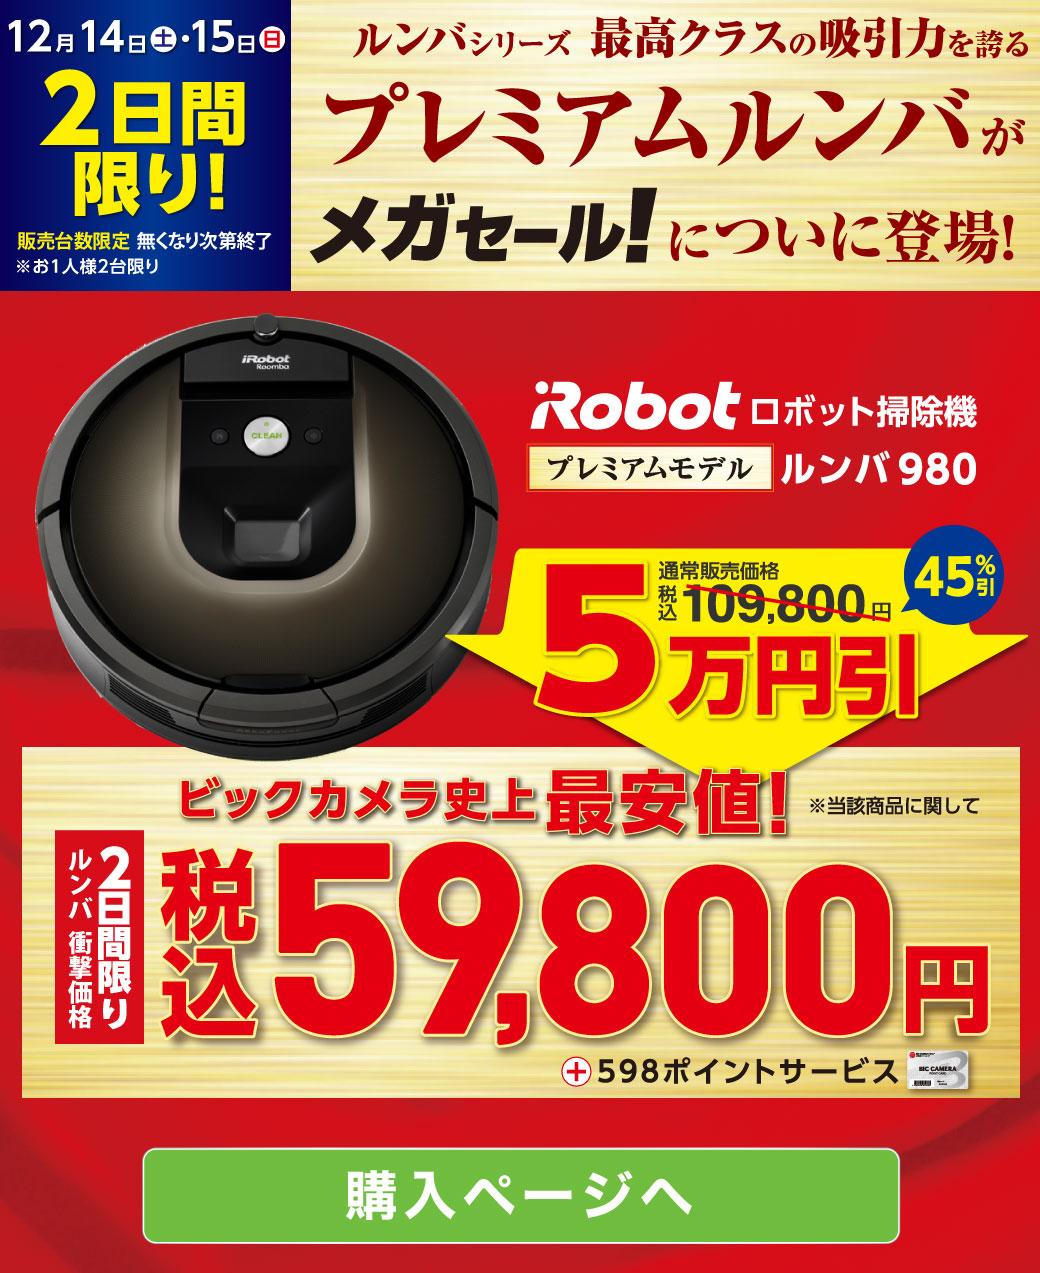 ビックカメラ.comでルンバ980が109800円から半額。2日間限定。まぁいらないとは思うけど。